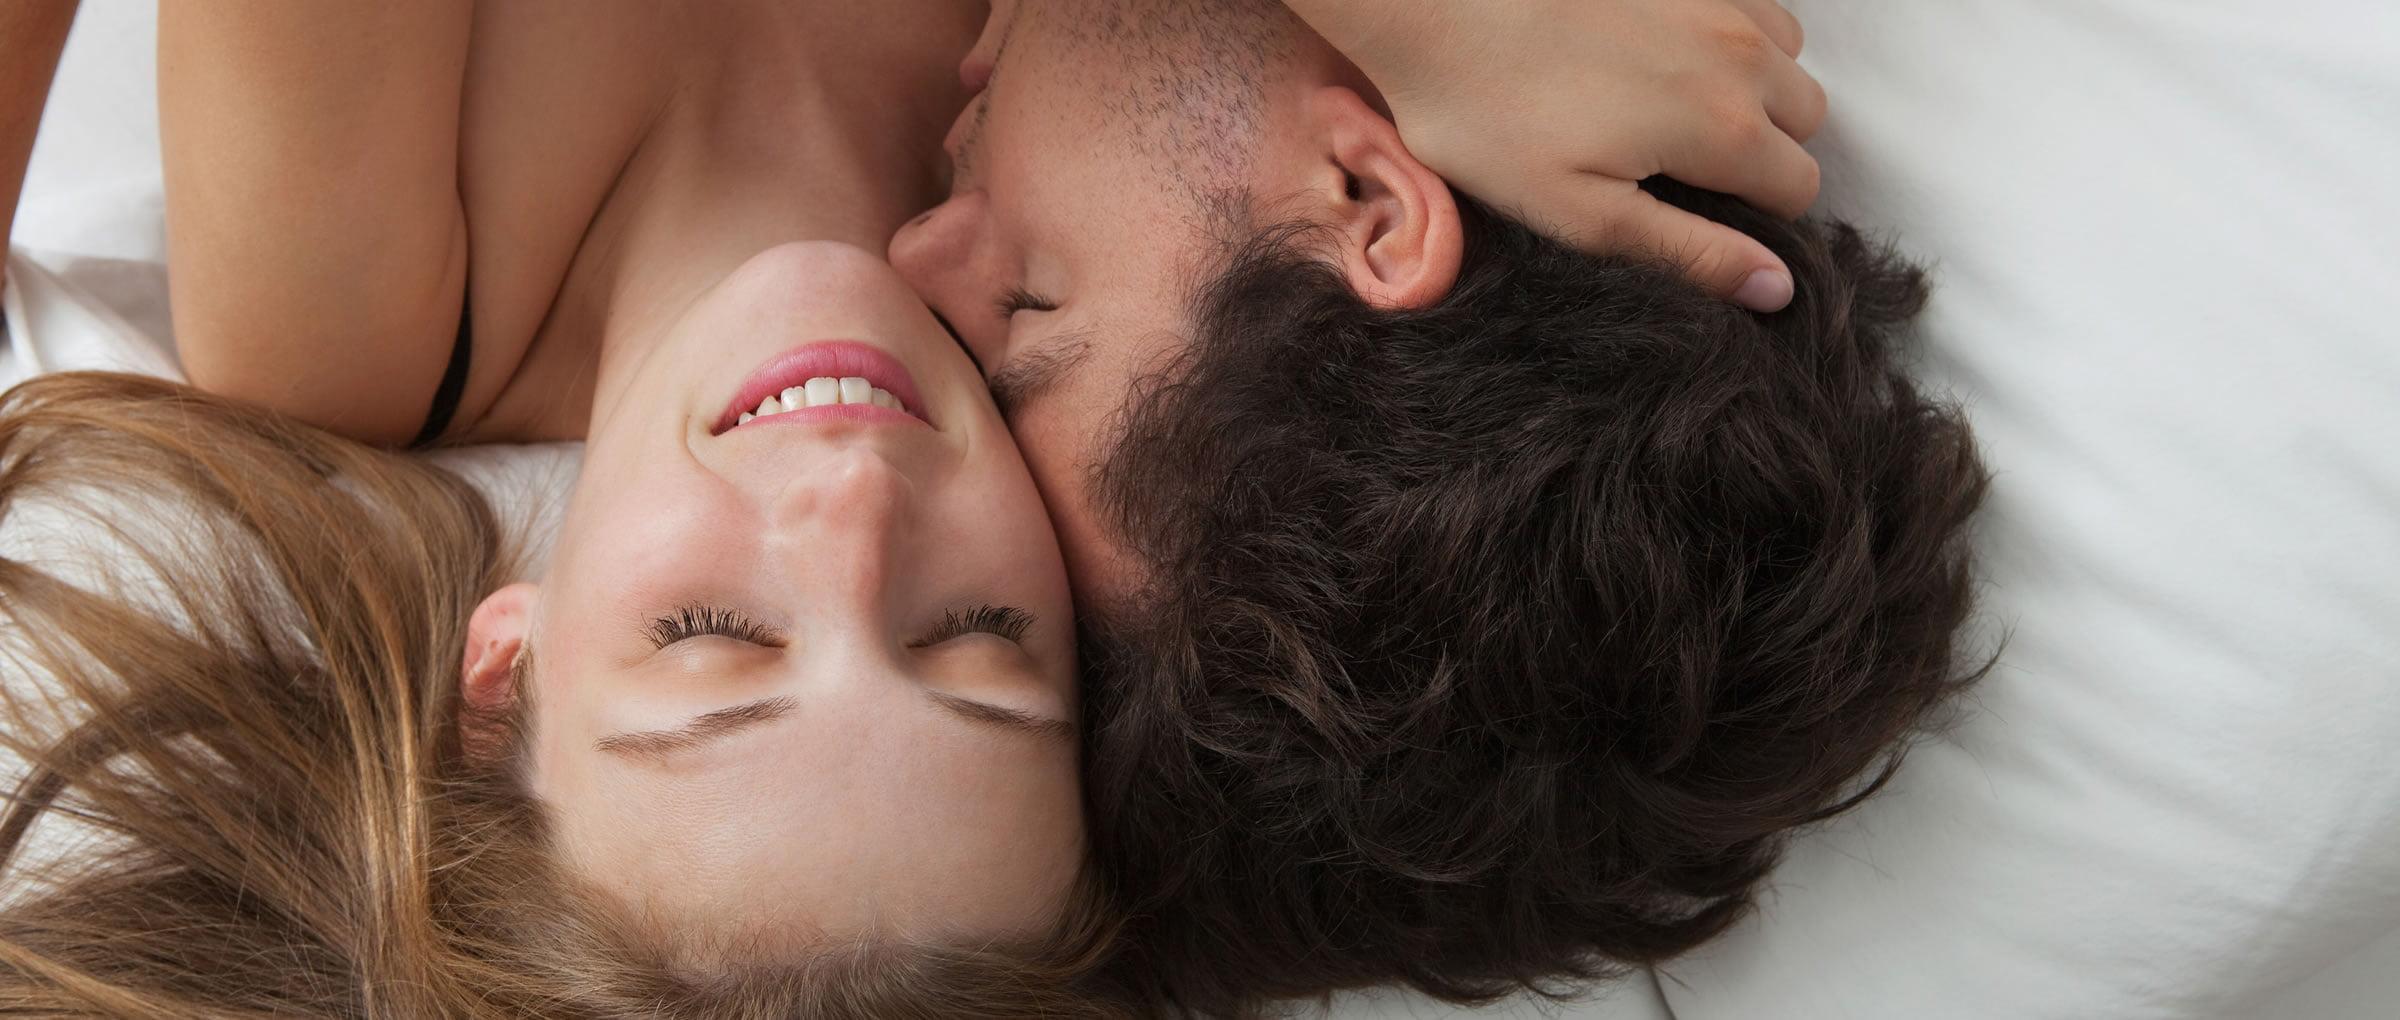 Как языком сделать женщине приятно